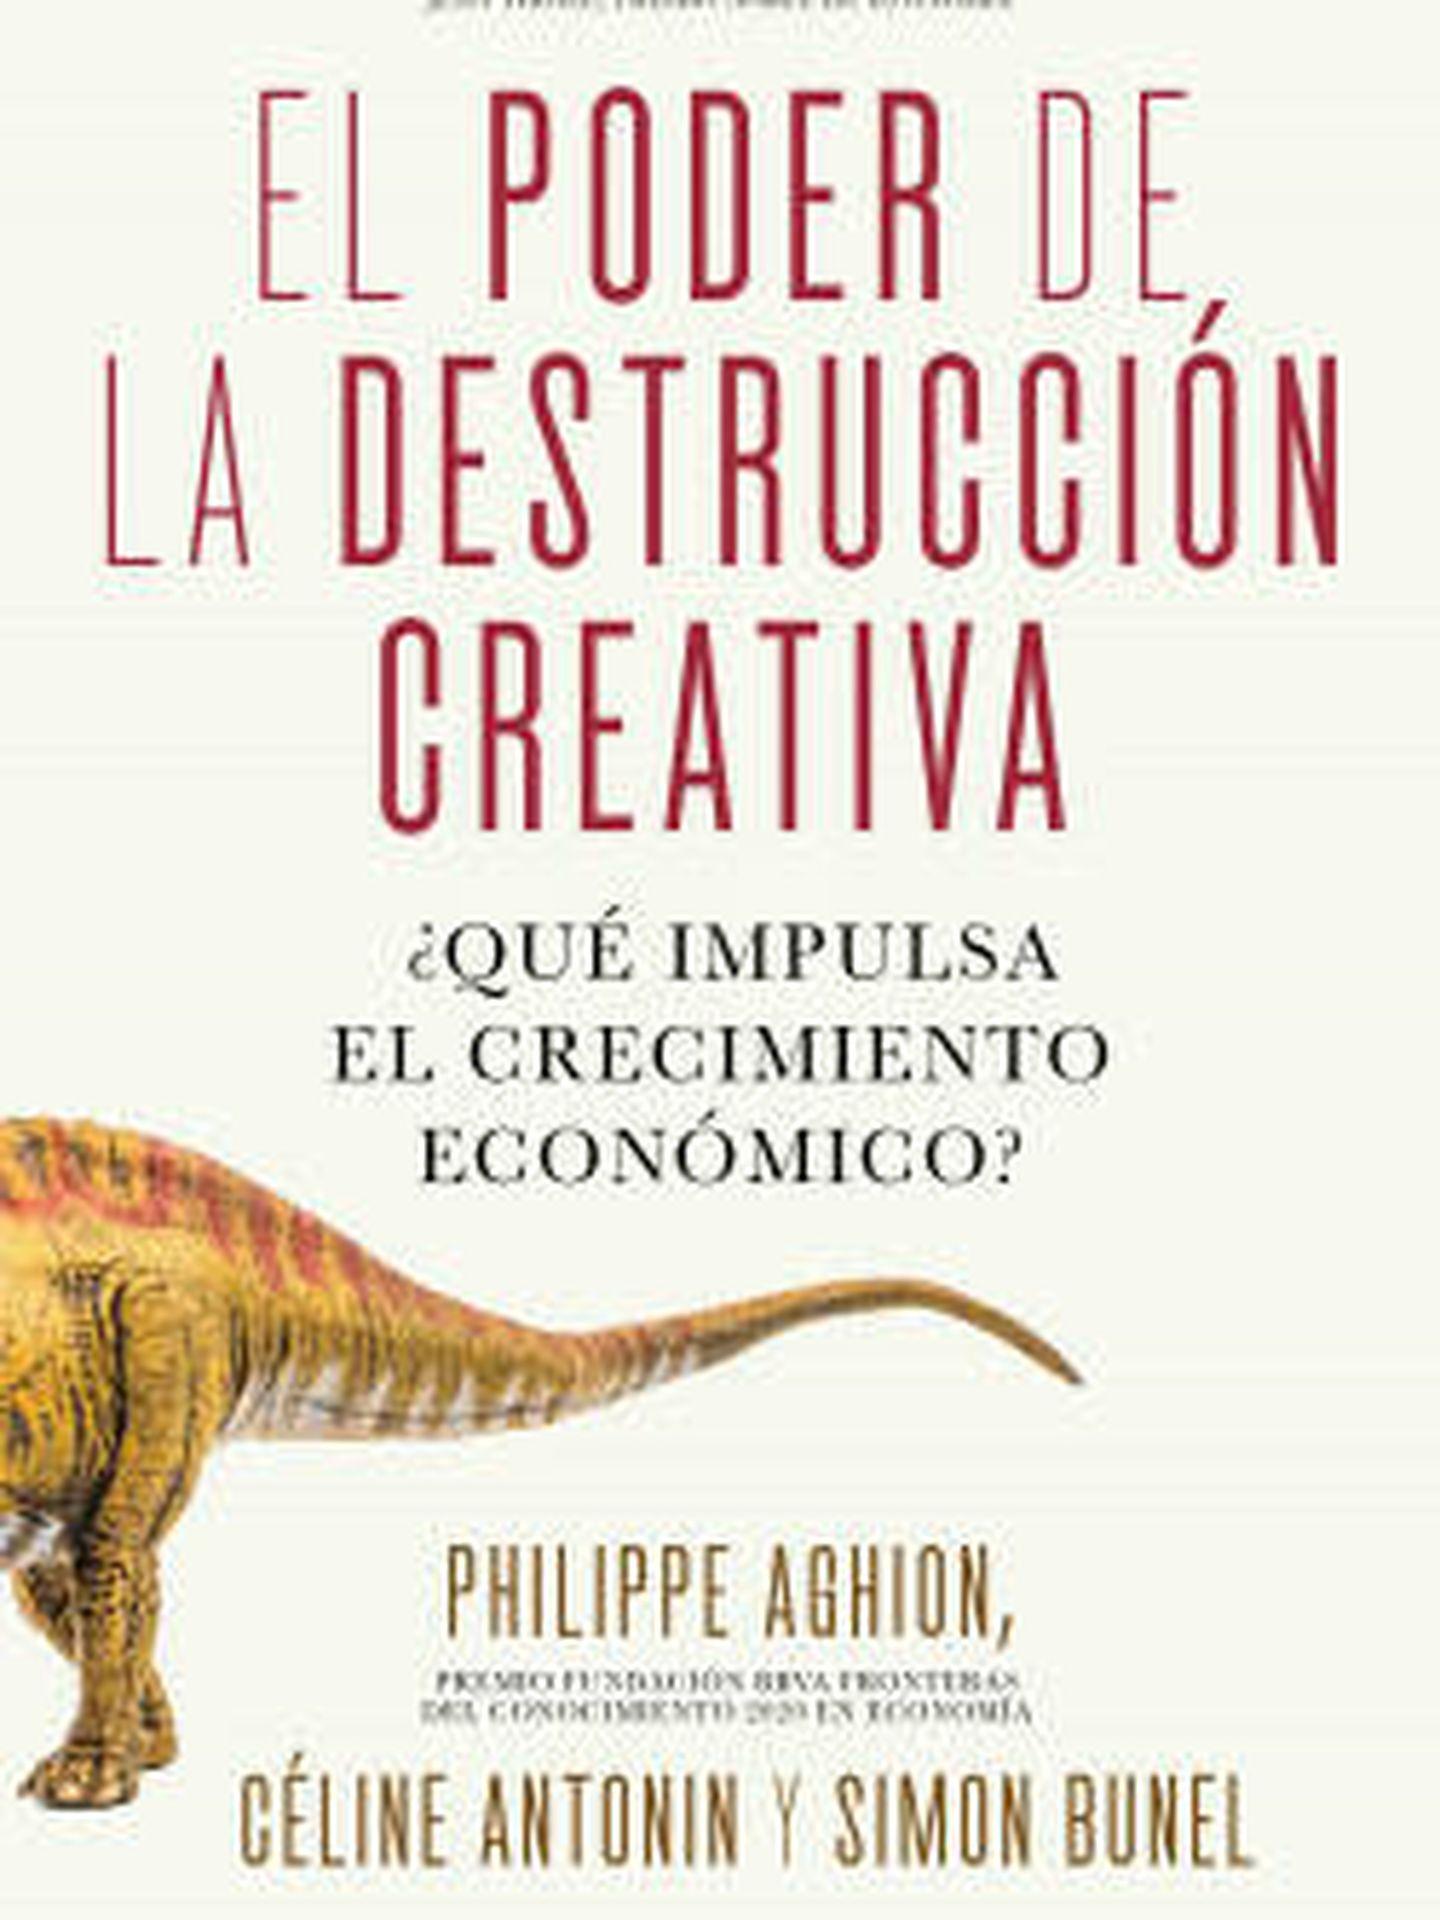 Portada del último libro de Philippe Aghion. (Deusto)